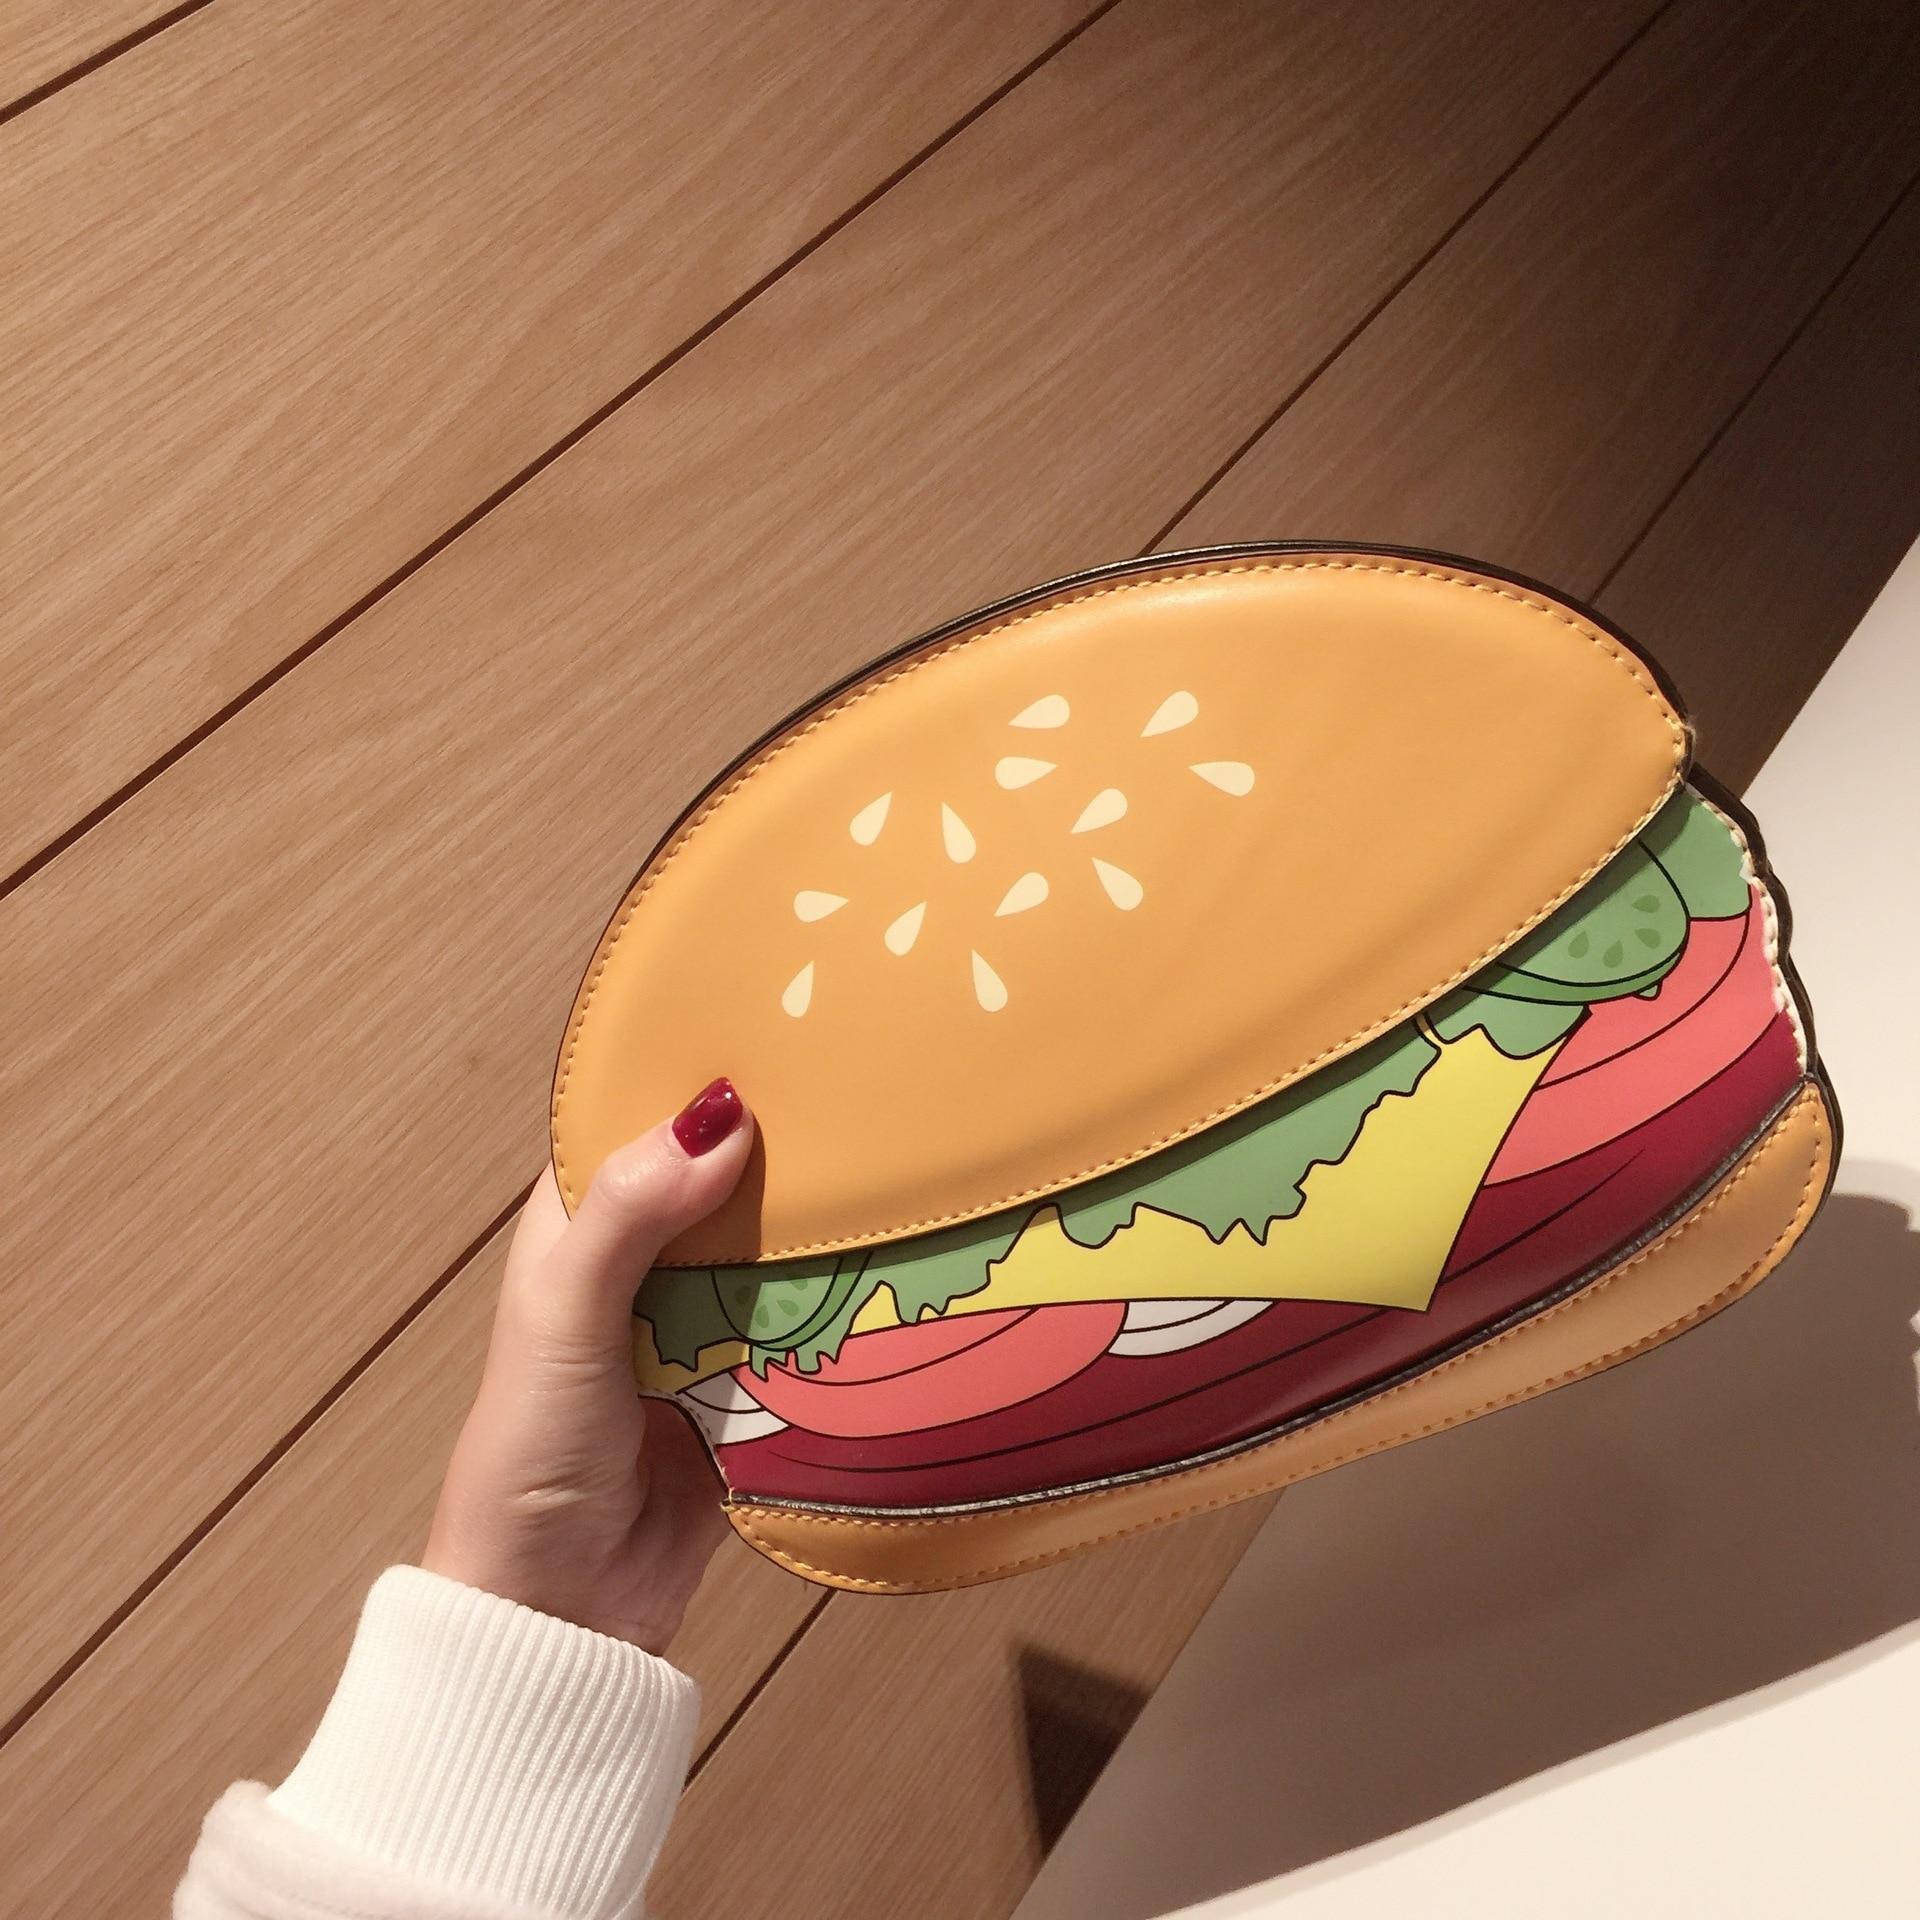 3D милый мультфильм Для женщин плеча сумочку гамбургер мороженое торт Сумки цепочка клатч через плечо Обувь для девочек Сумка Арбуз